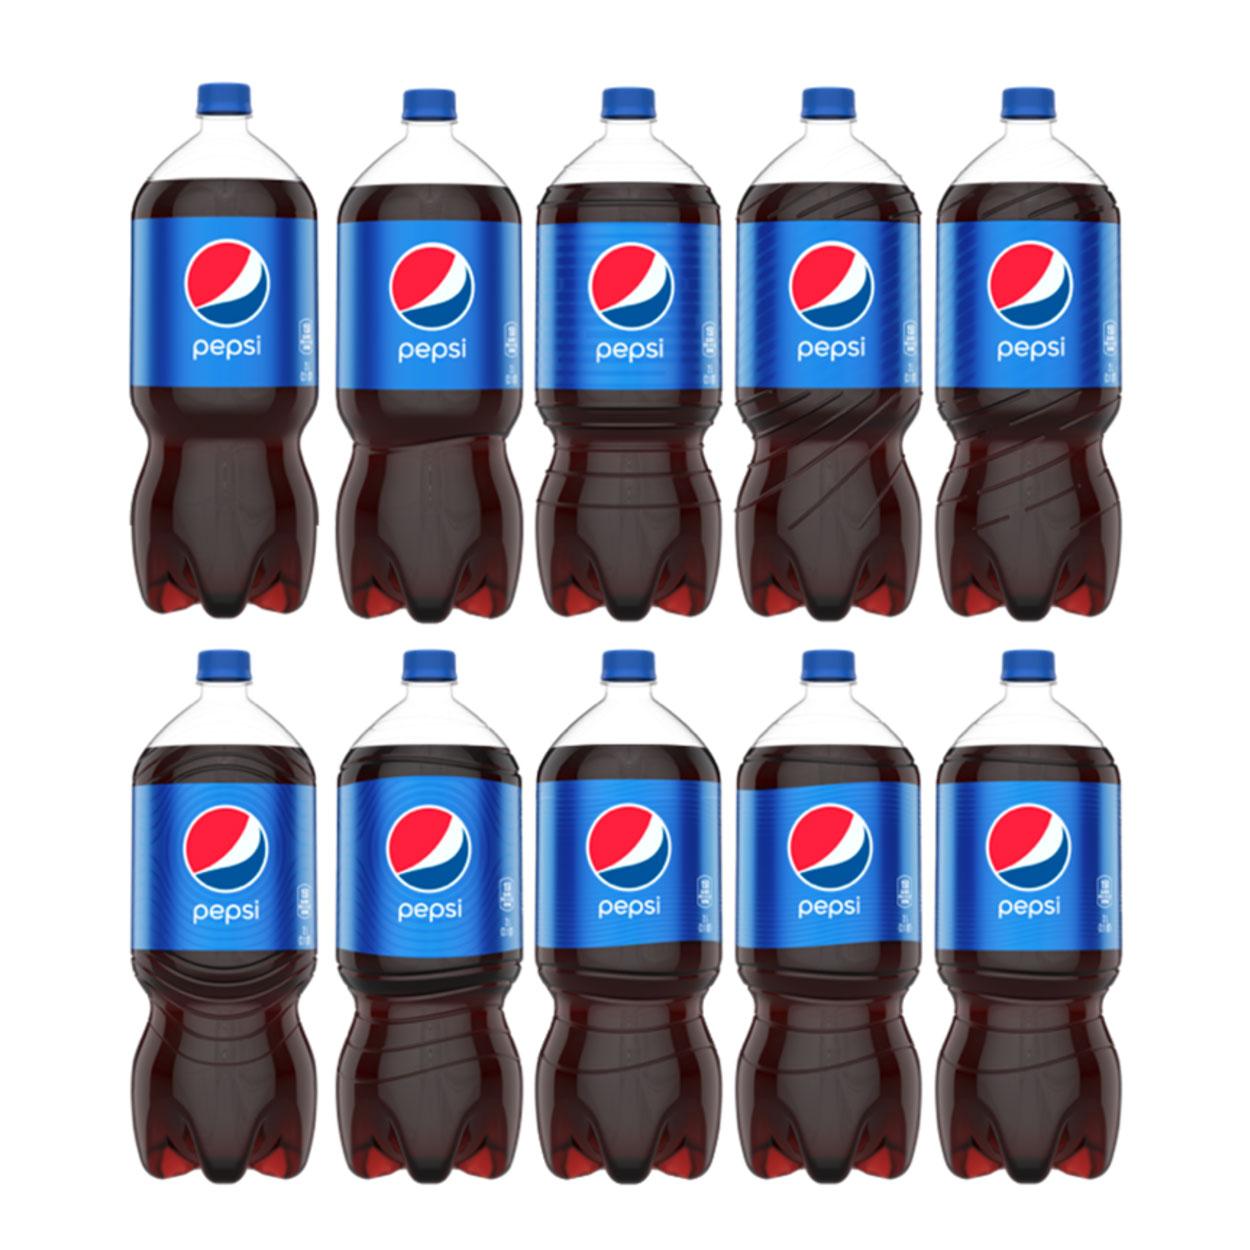 Pepsi_8